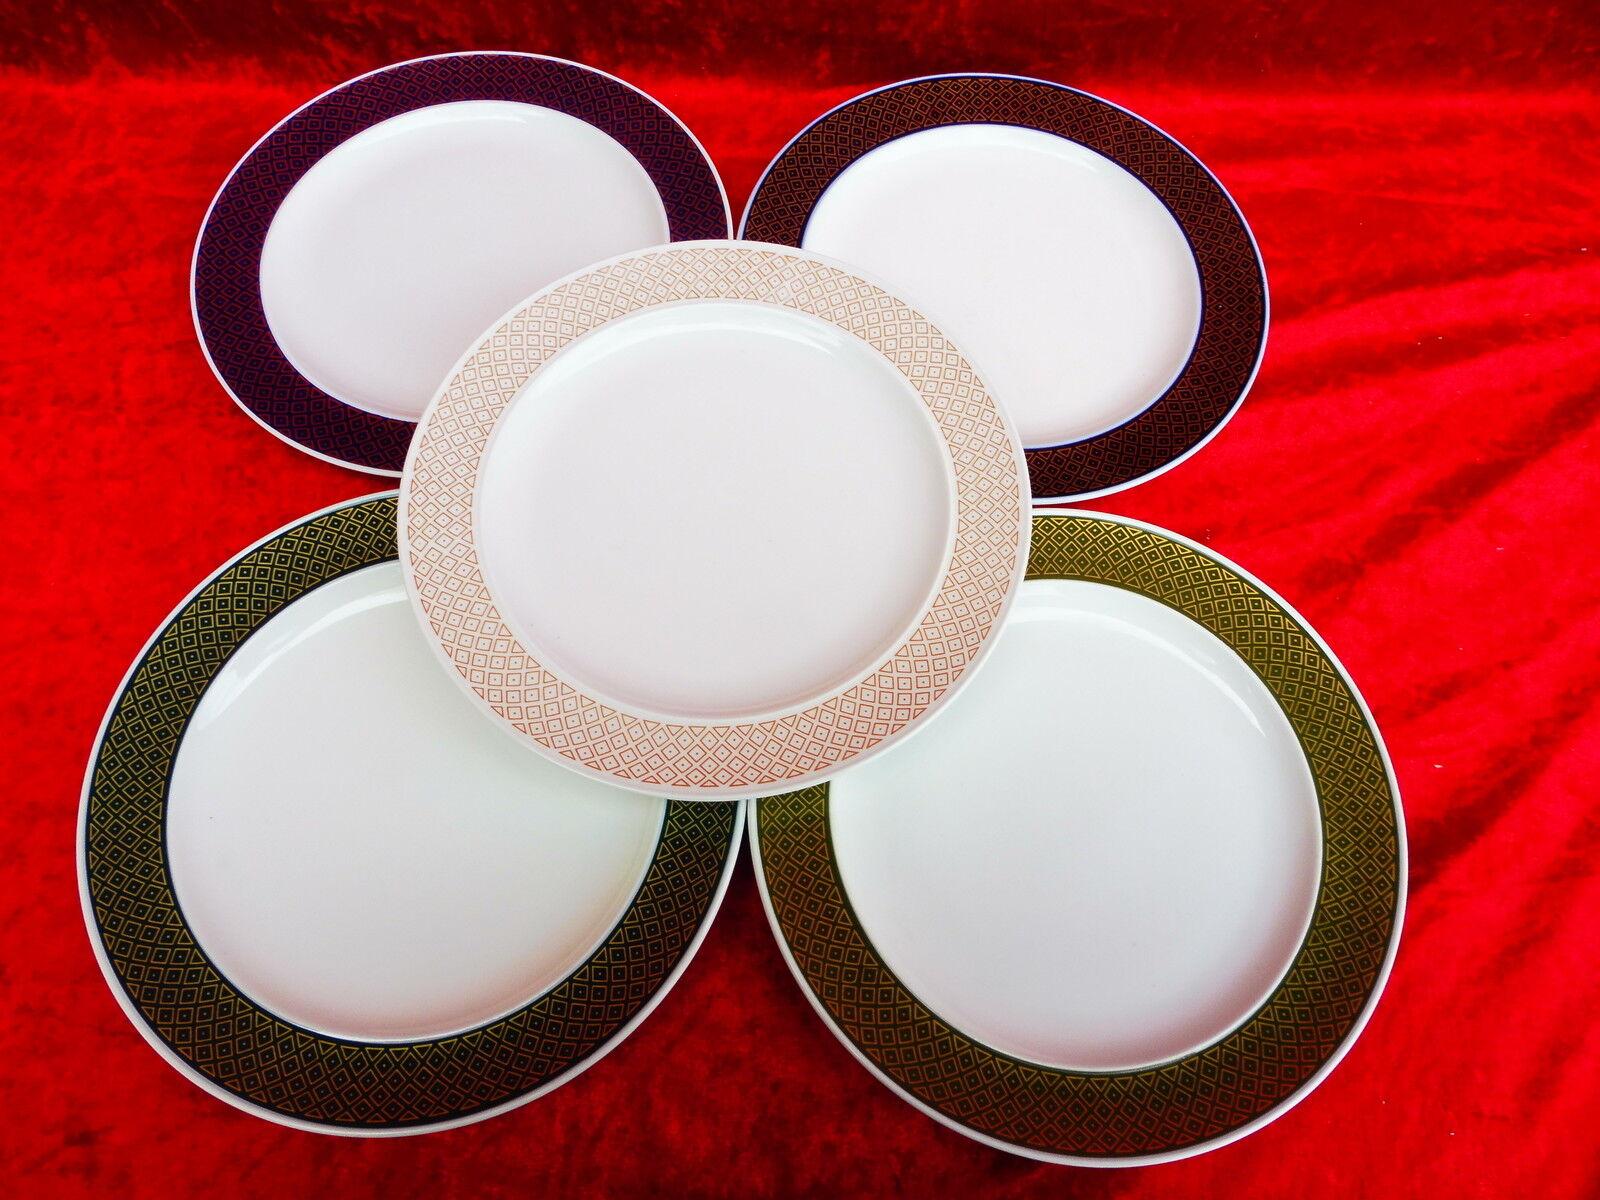 5 belles assiettes à soupe __ Rosenthal __ avec gros en couleur bord ___